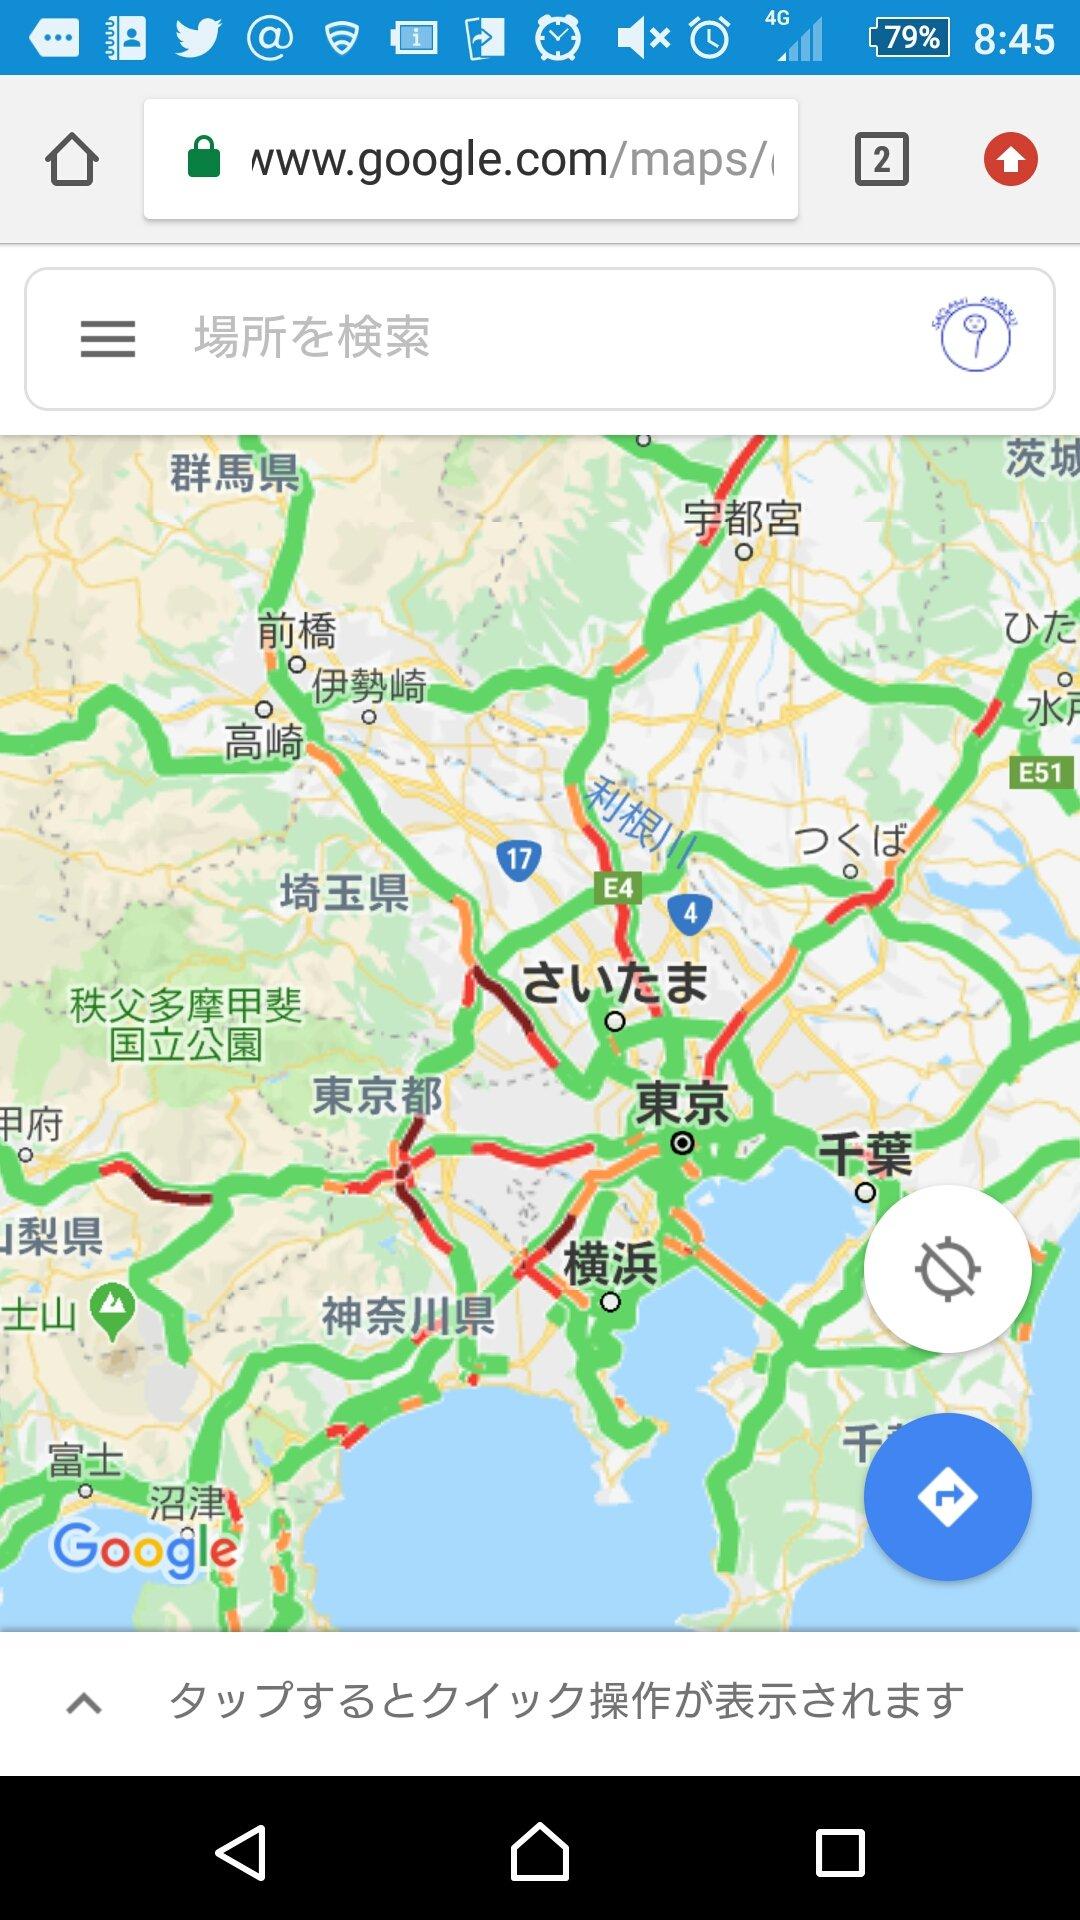 画像,そして首都圏の各高速は今日も渋滞祭り絶賛開催中です。中央道下りは事故渋滞が2件(小仏と勝沼)です。お盆です( ˘ω˘) https://t.co/stWoQzm…